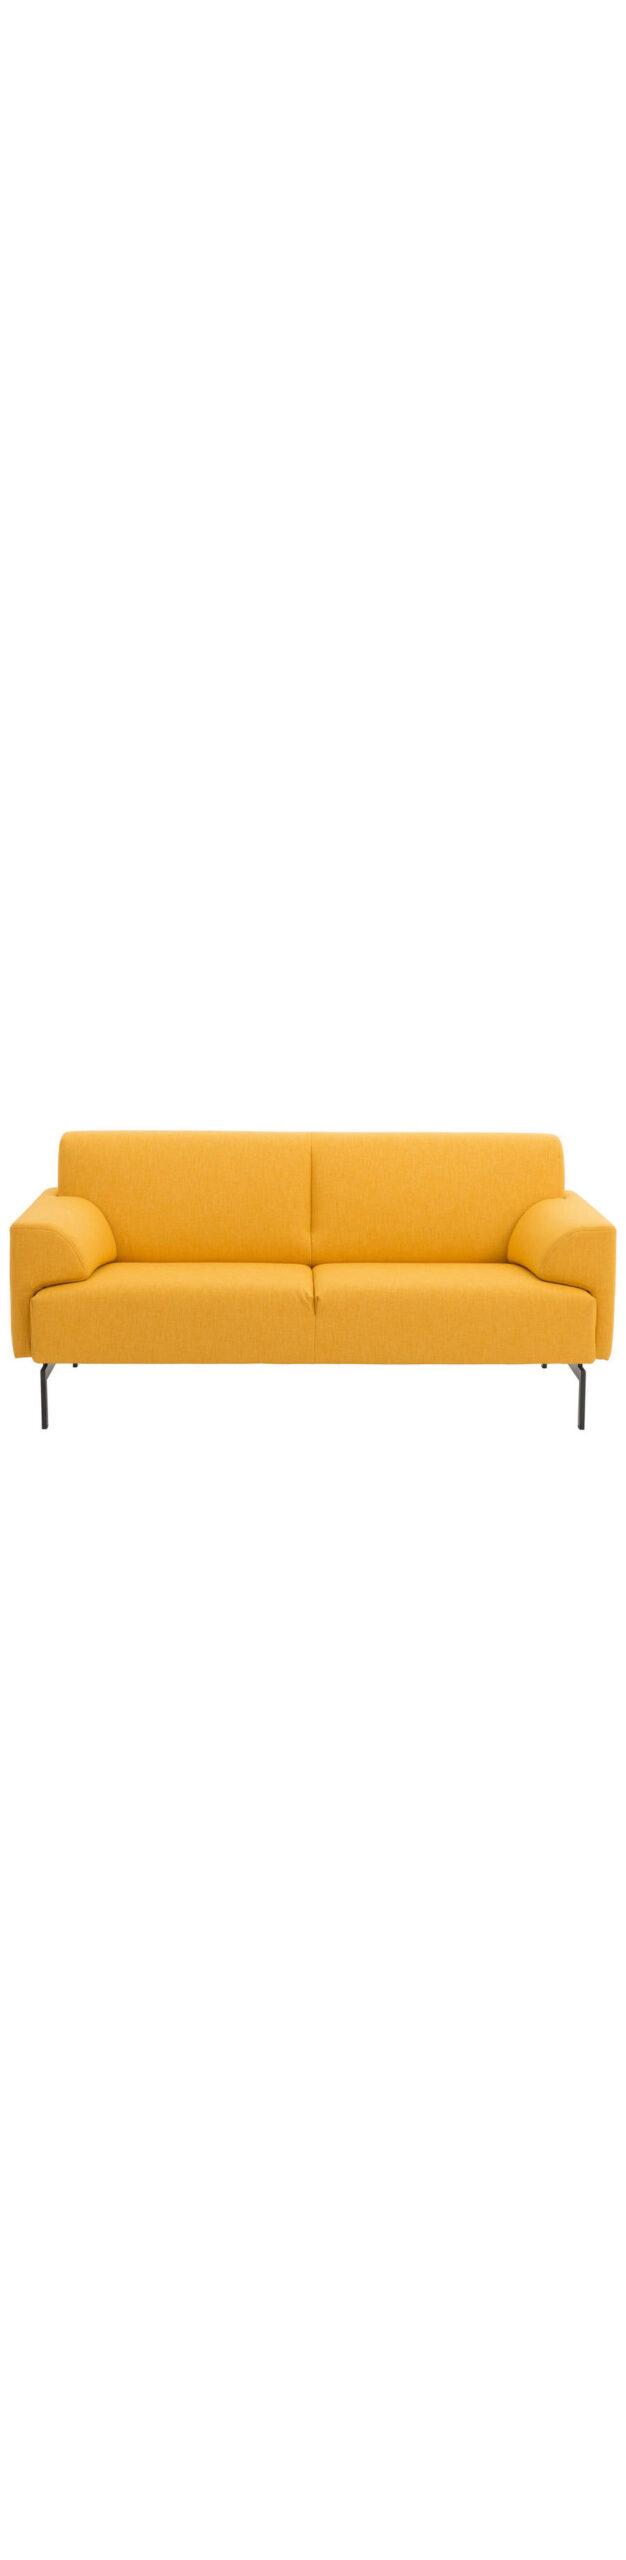 Full Size of Indomo Sofa Große Kissen Zweisitzer Chesterfield Günstig Englisches 3 Teilig Big Xxl W Schillig Altes Landhaus Hussen Für Sitzer In L Form Sofa Benz Sofa